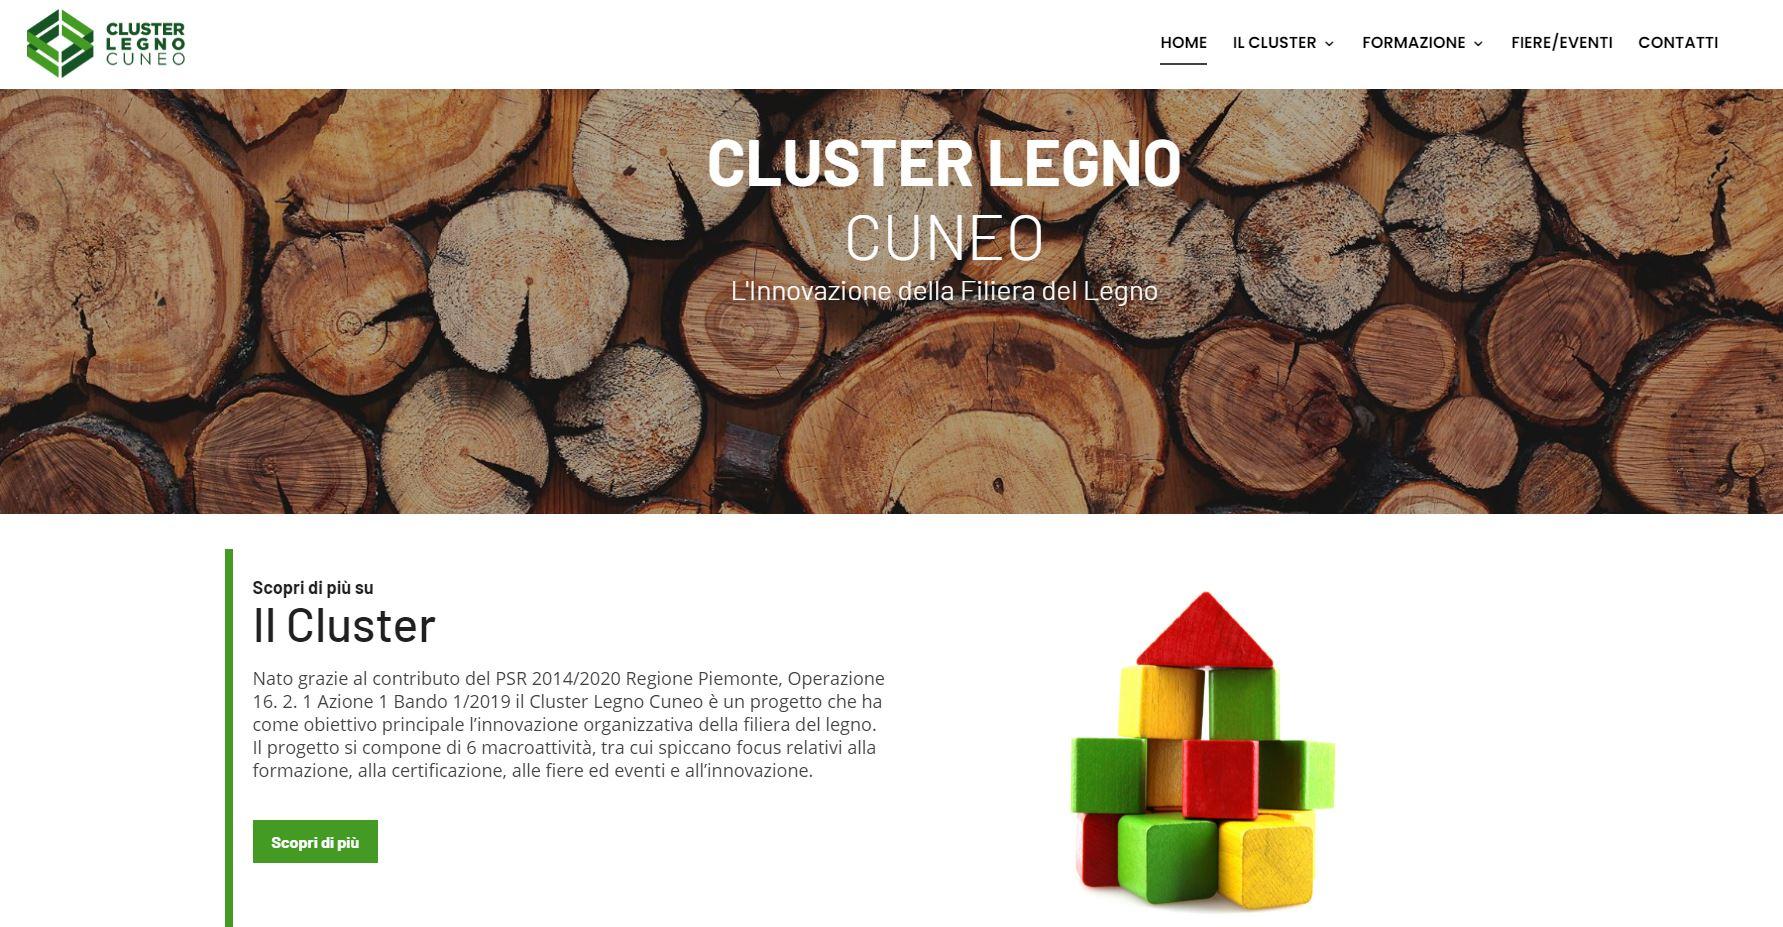 clusterlegno